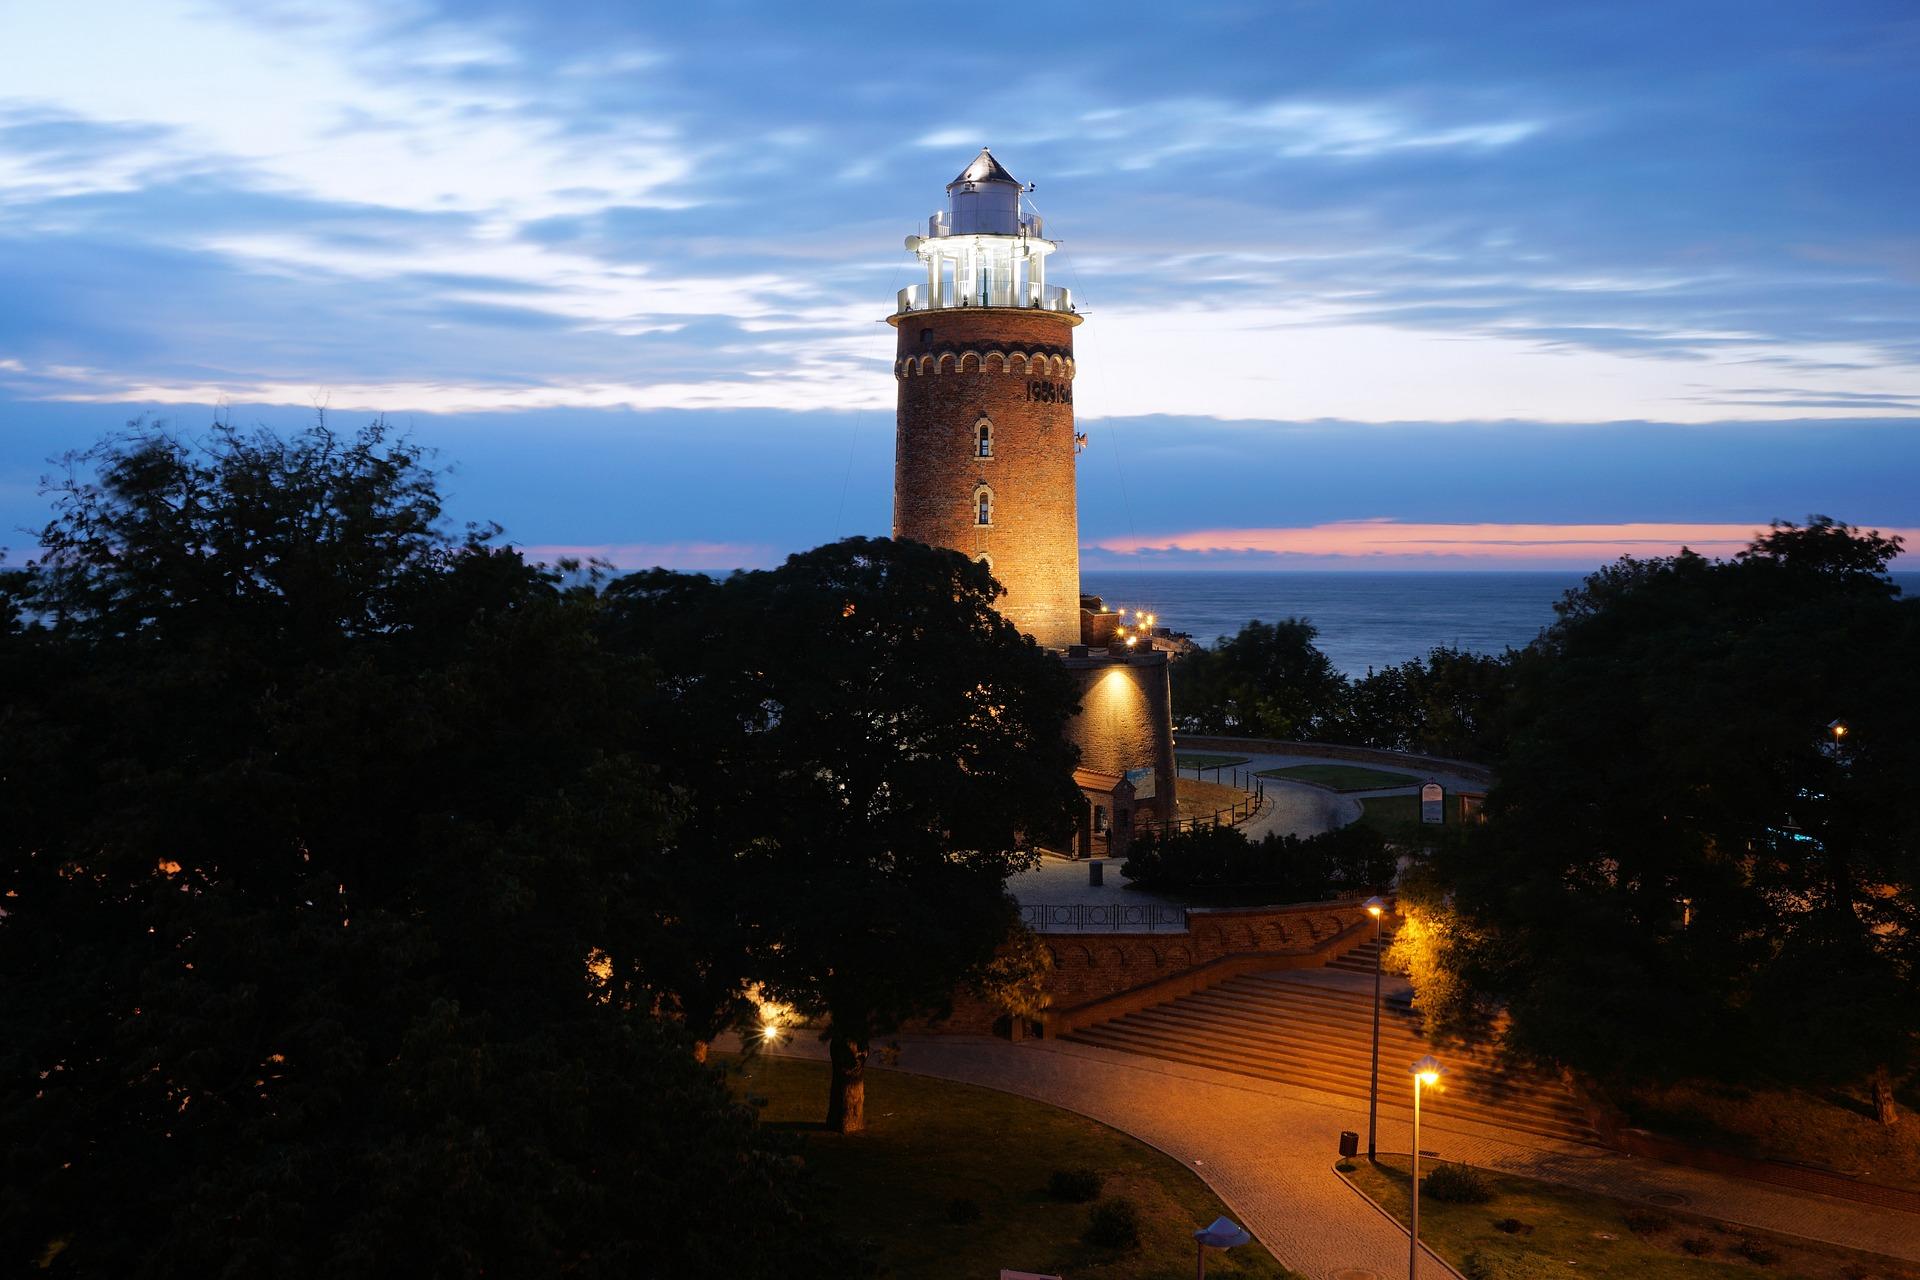 Konferencja w Kołobrzegu – gdzie ją zorganizować, aby była udana?